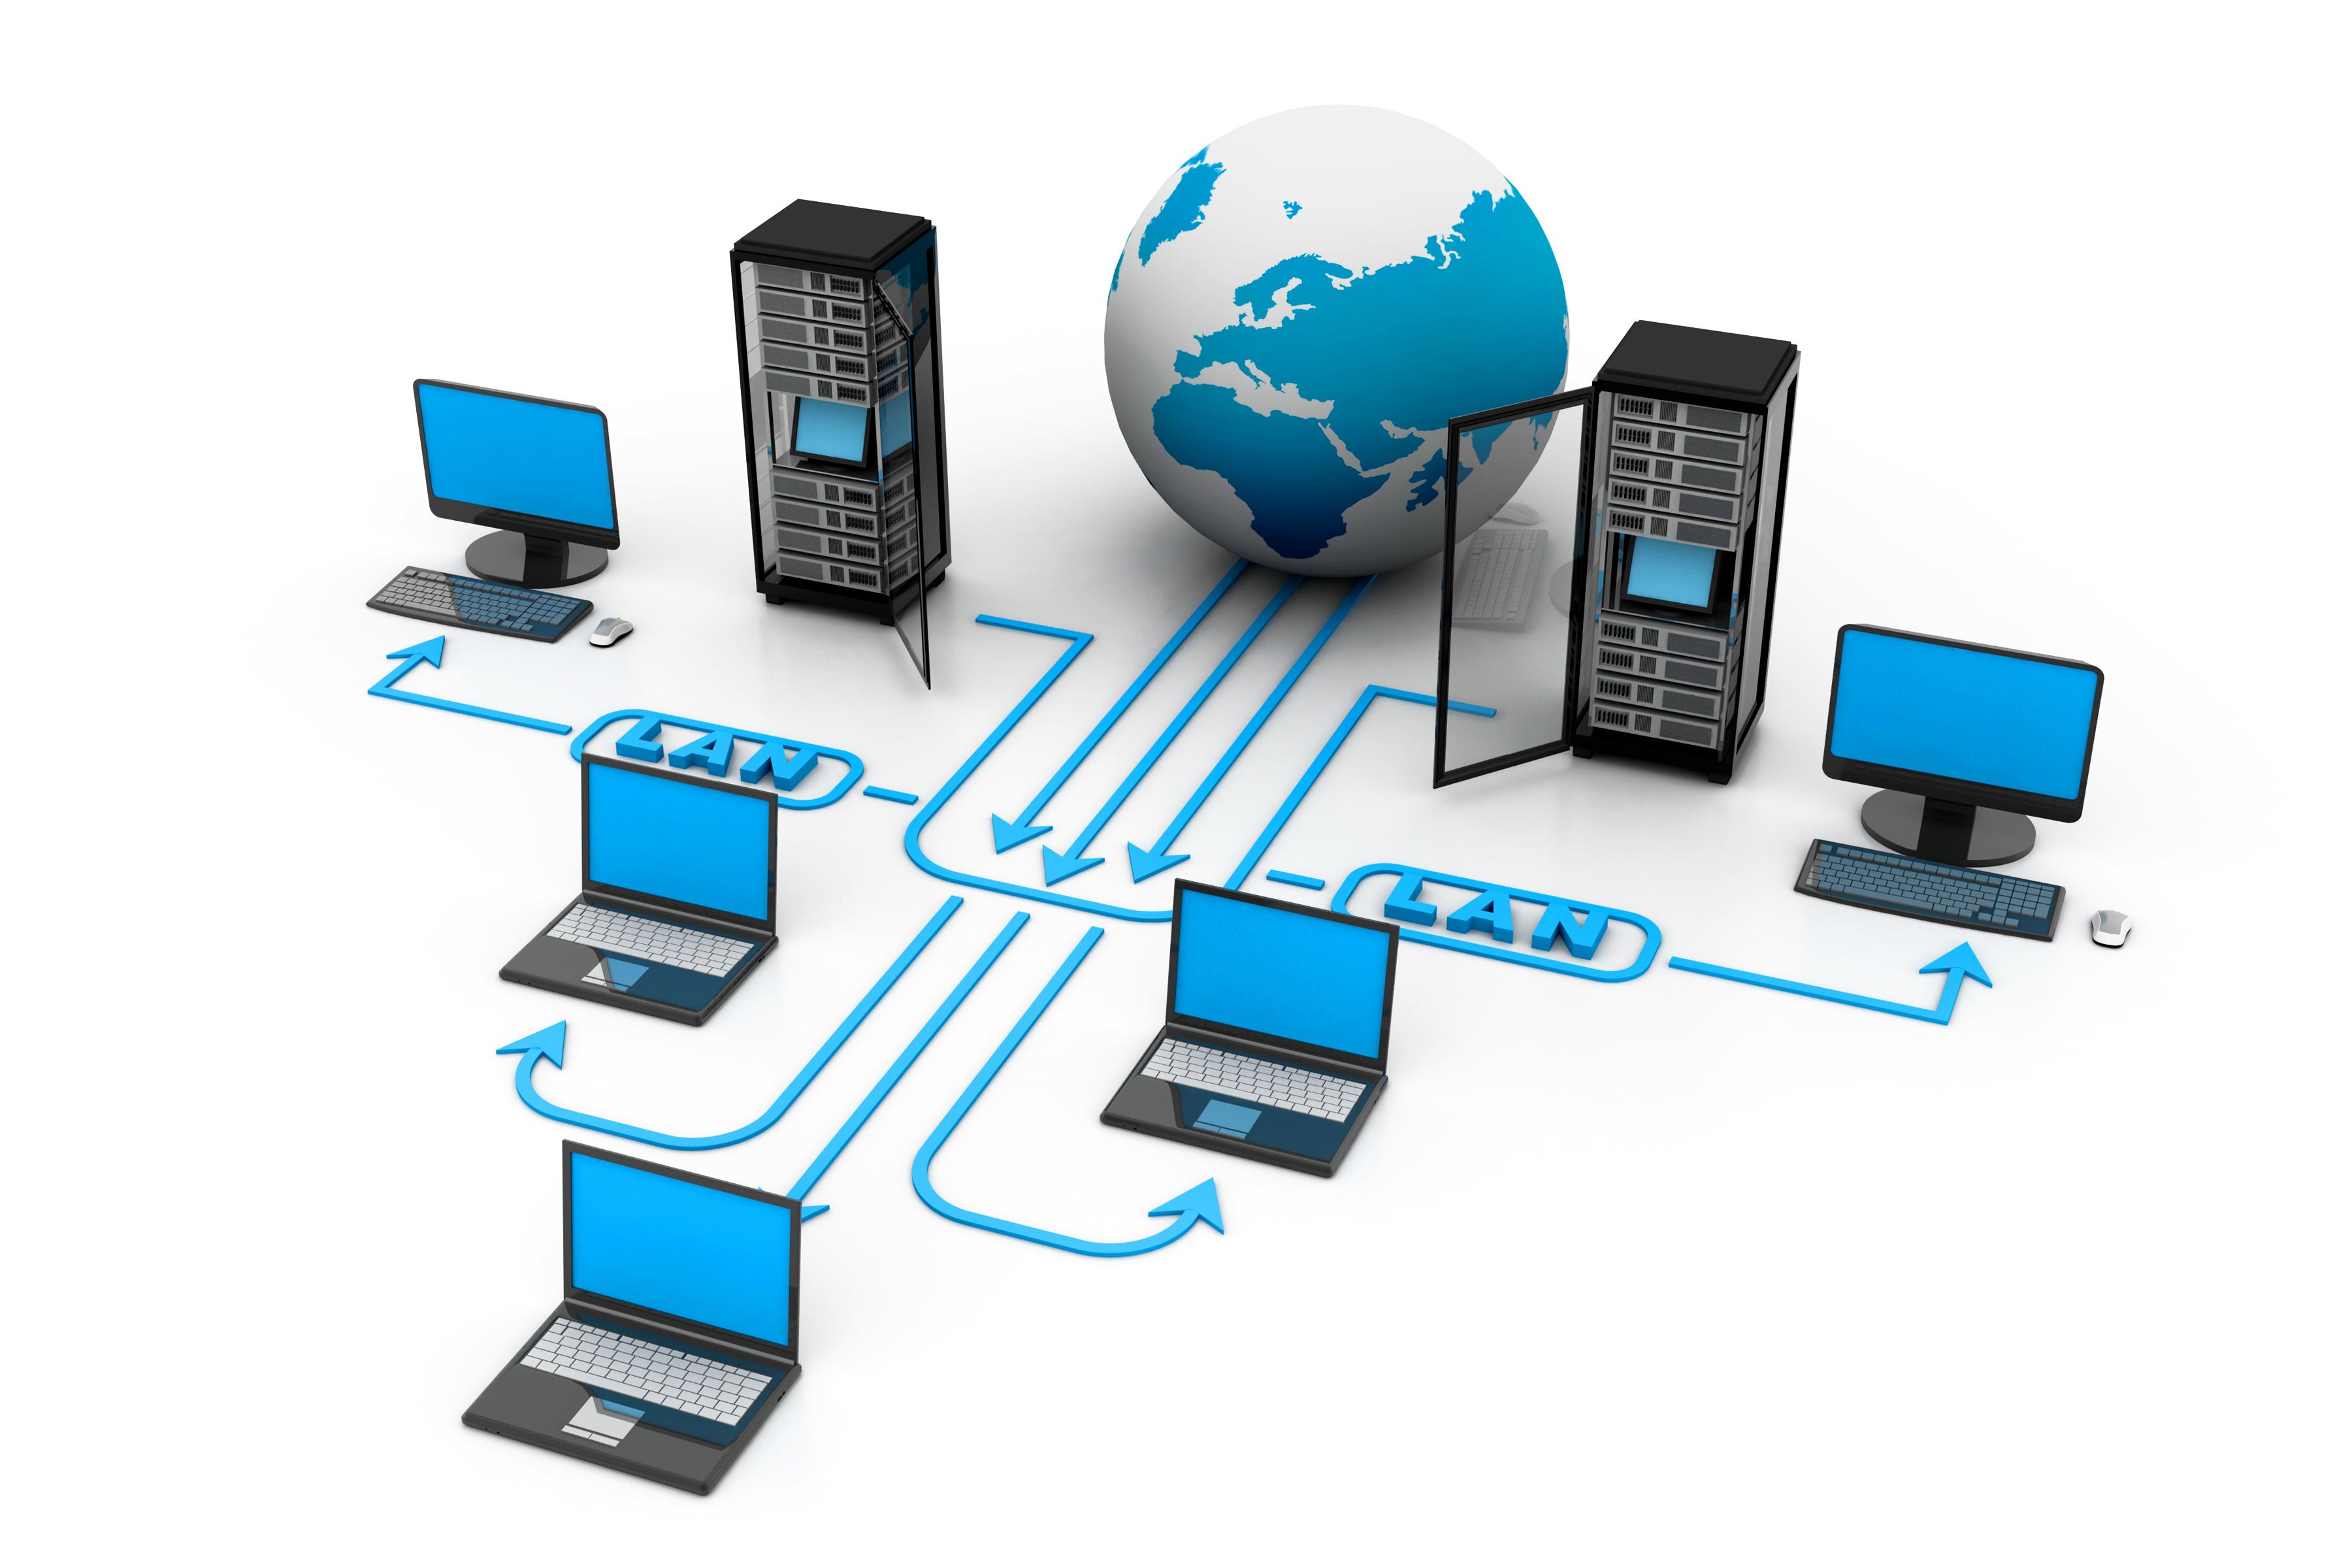 مقاله ای جامع درباره شبکه های کامپیوتری *Computer Network*